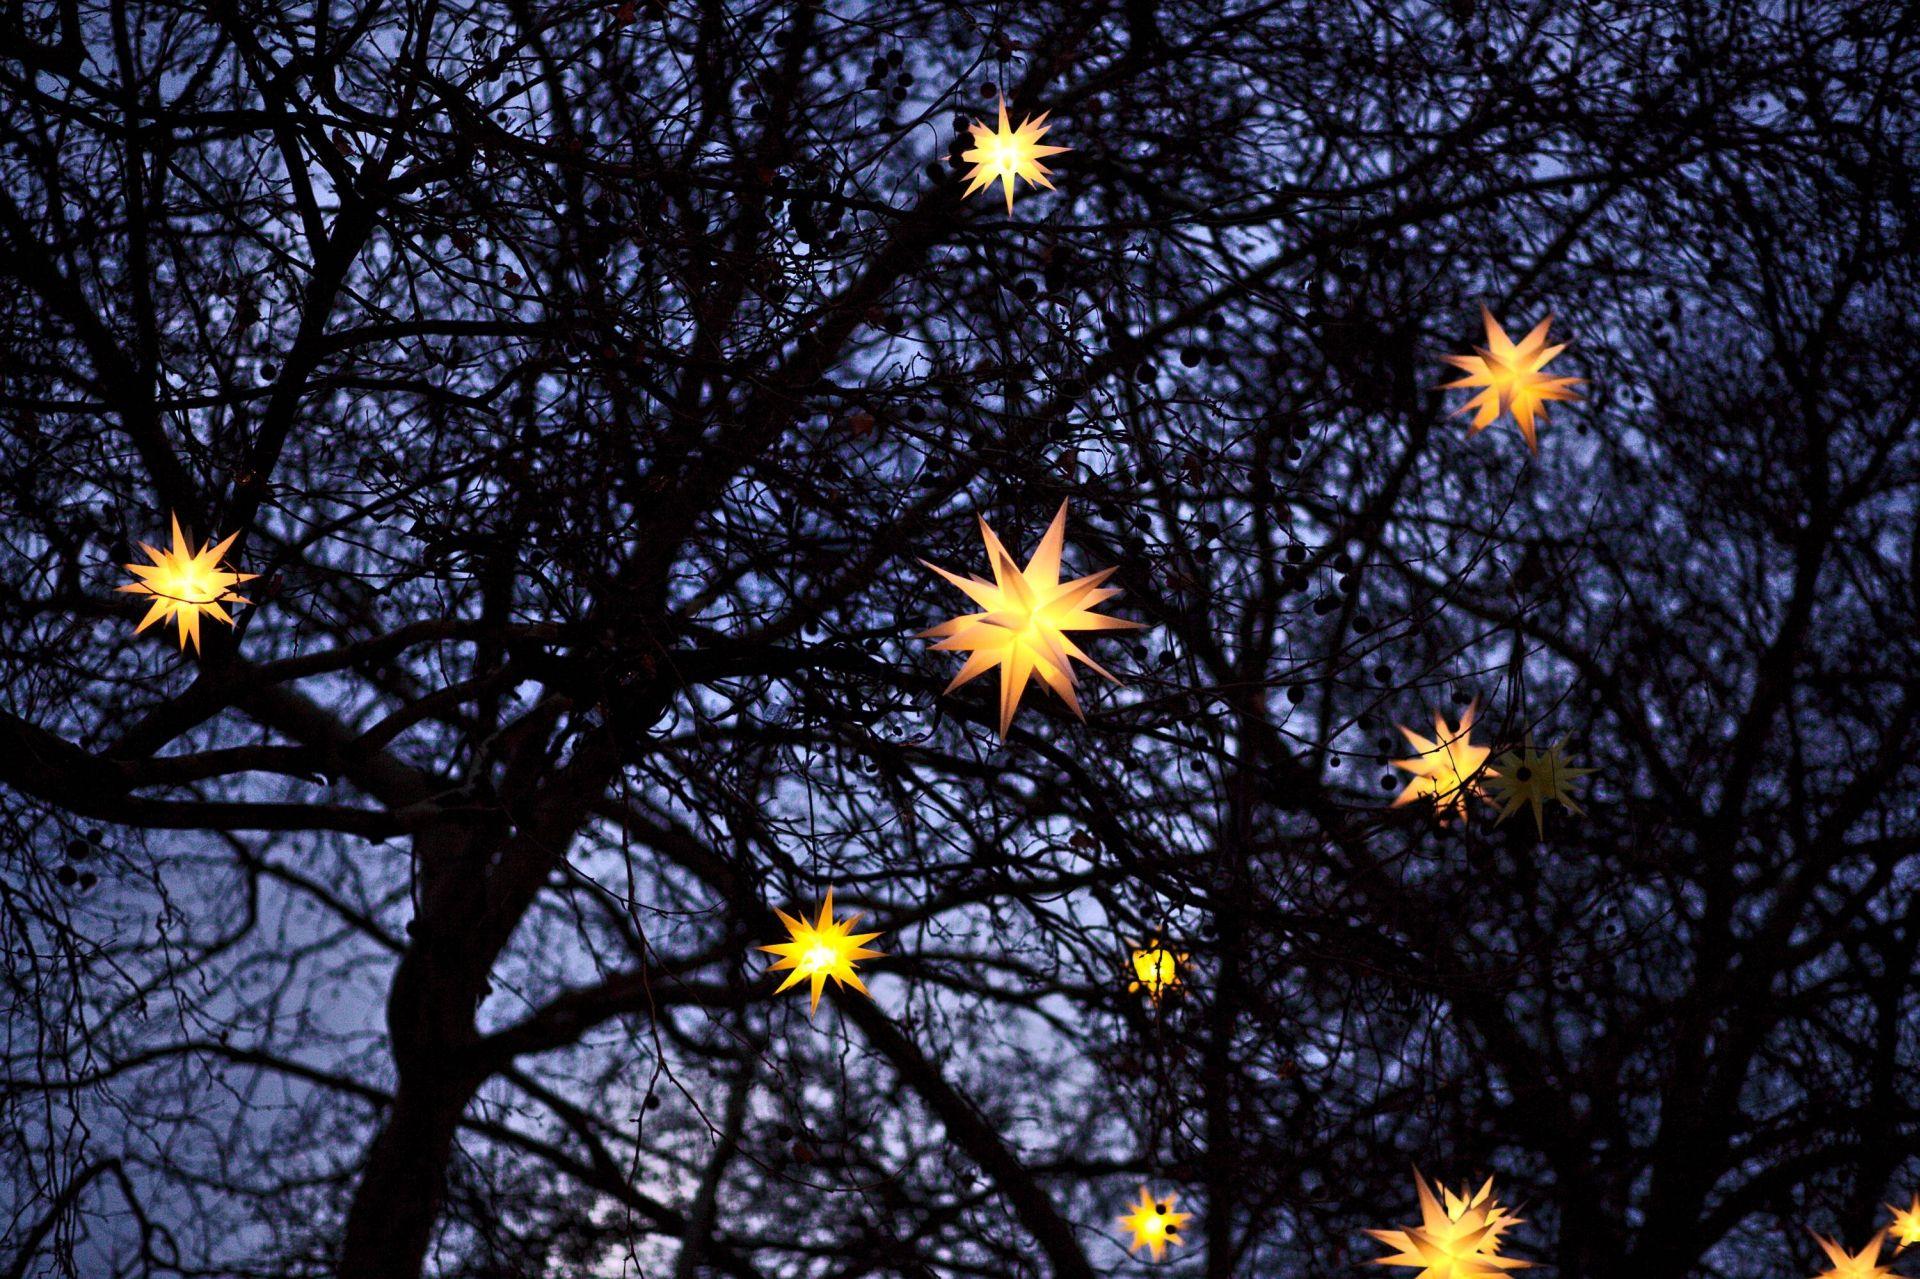 Na China, a decoração de Natal leva luminárias de papael. Foto: Filip Bunkens/Unsplash